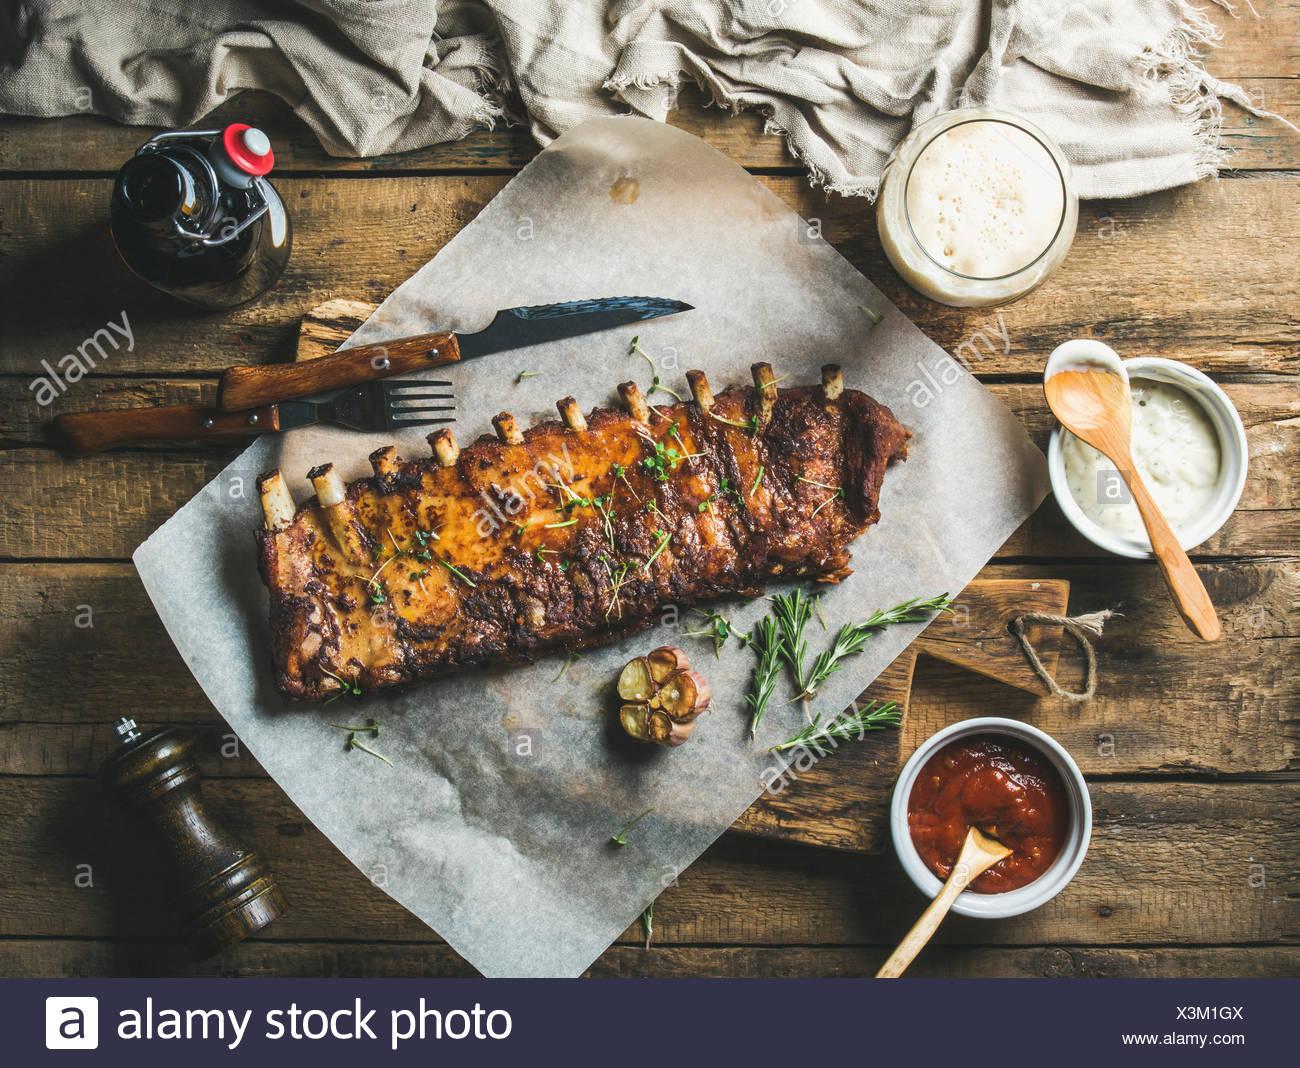 Côtes de porc grillées partiellement coupé en morceaux sur papier cuisson avec l'ail, le romarin, le ketchup, la sauce à l'ail et de bière brune sur rustic Photo Stock